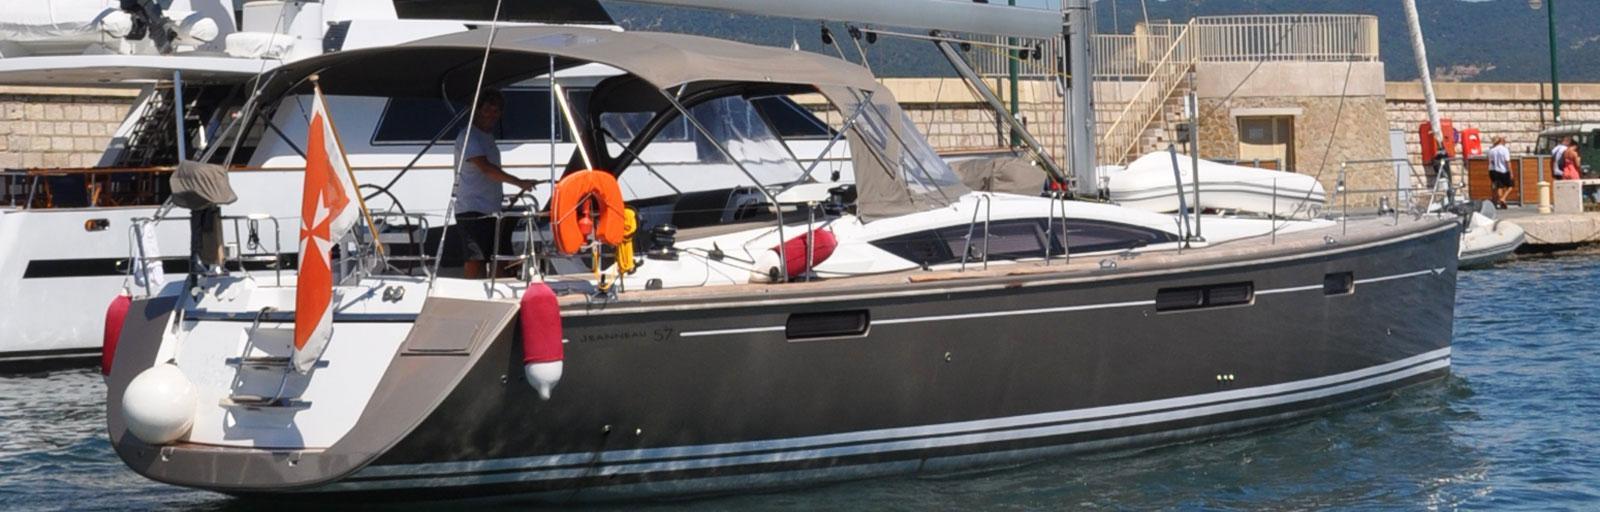 AYC Yachtbrokers - Jeanneau 57